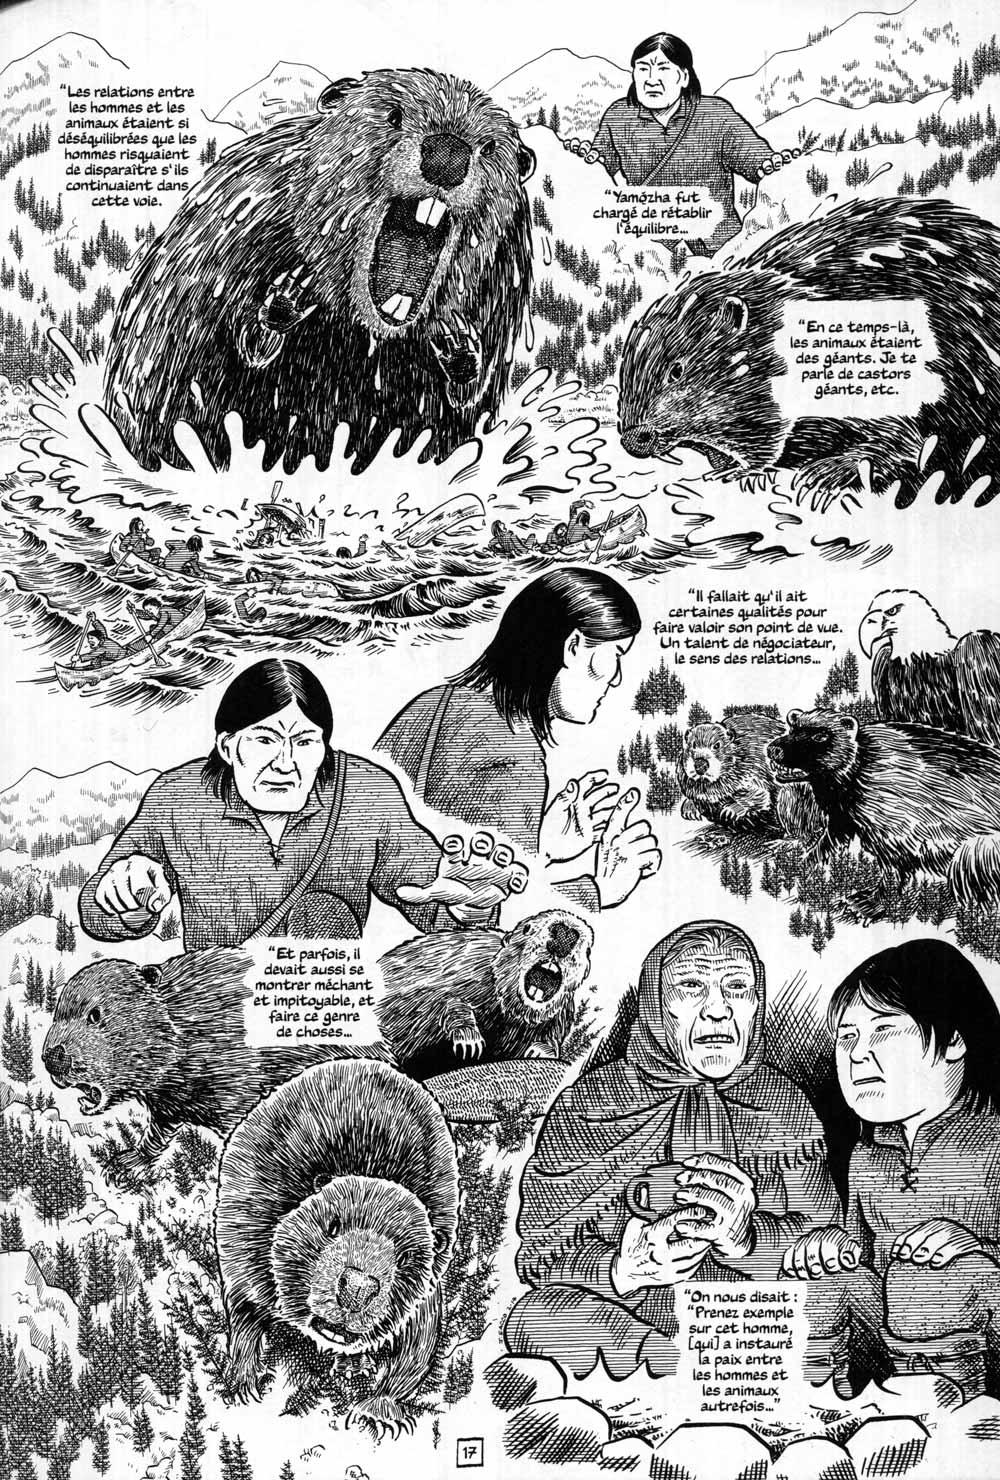 Fig. 16. Dialogue avec le monde sauvage. © Sacco 2020